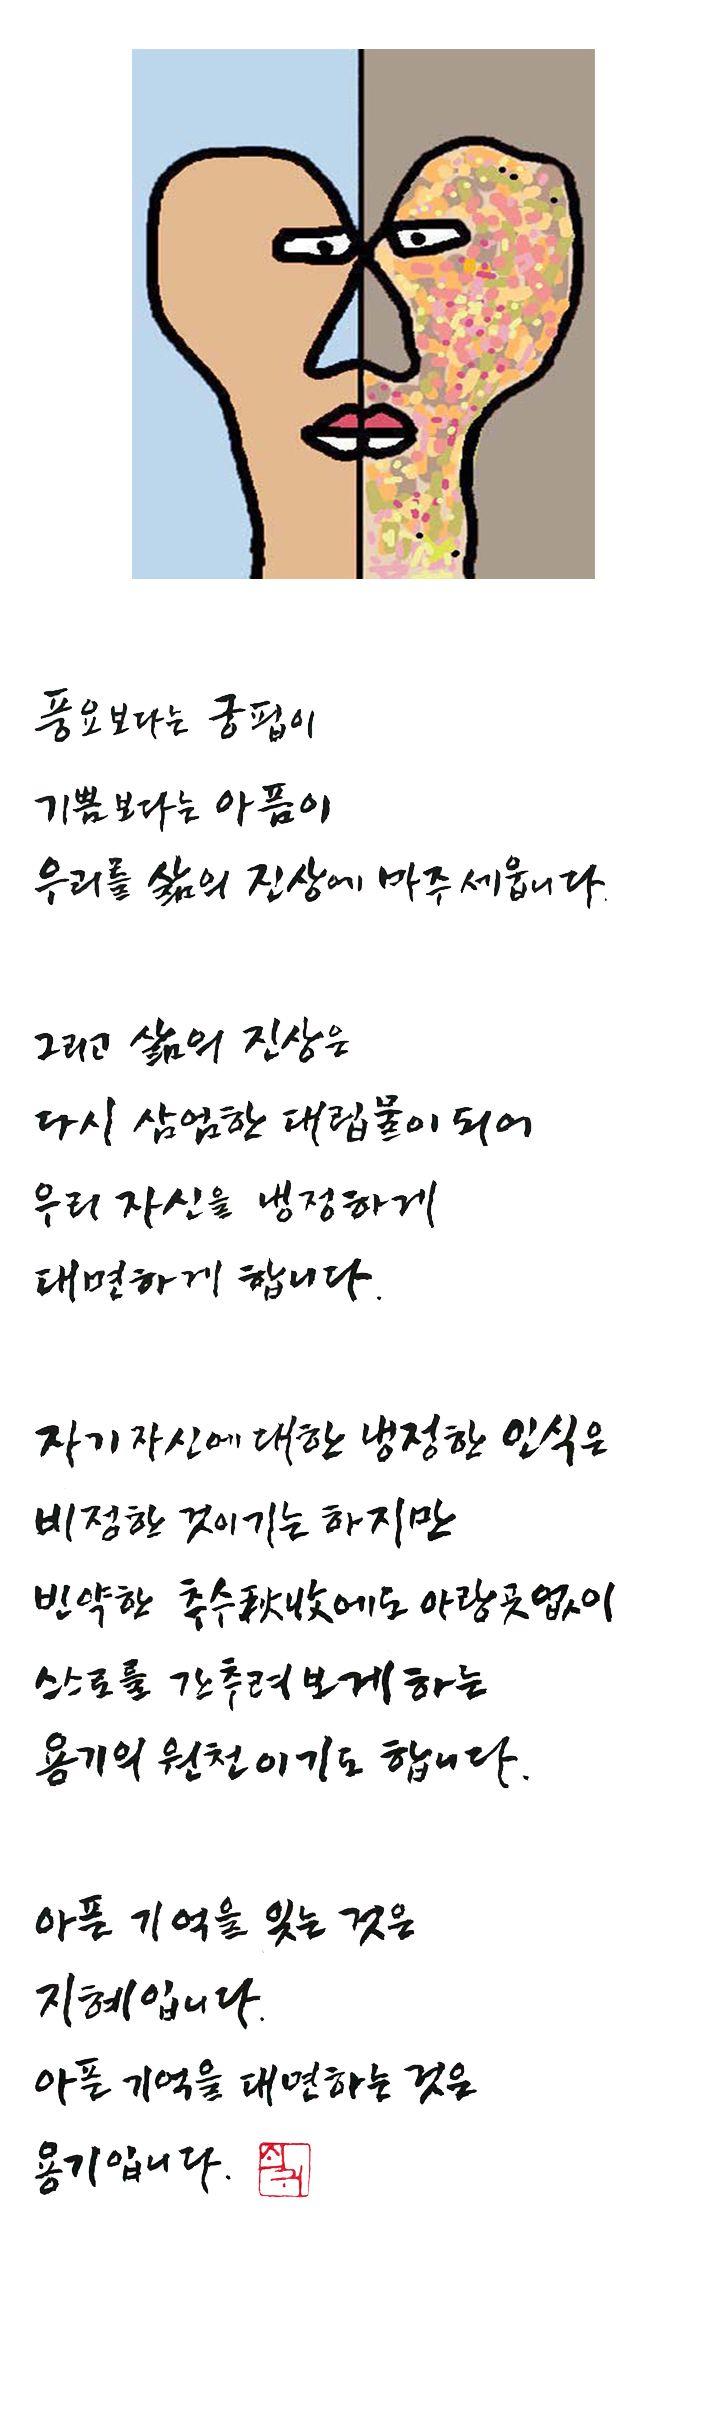 02.대면_02_서화(라인,낙관수정).jpg